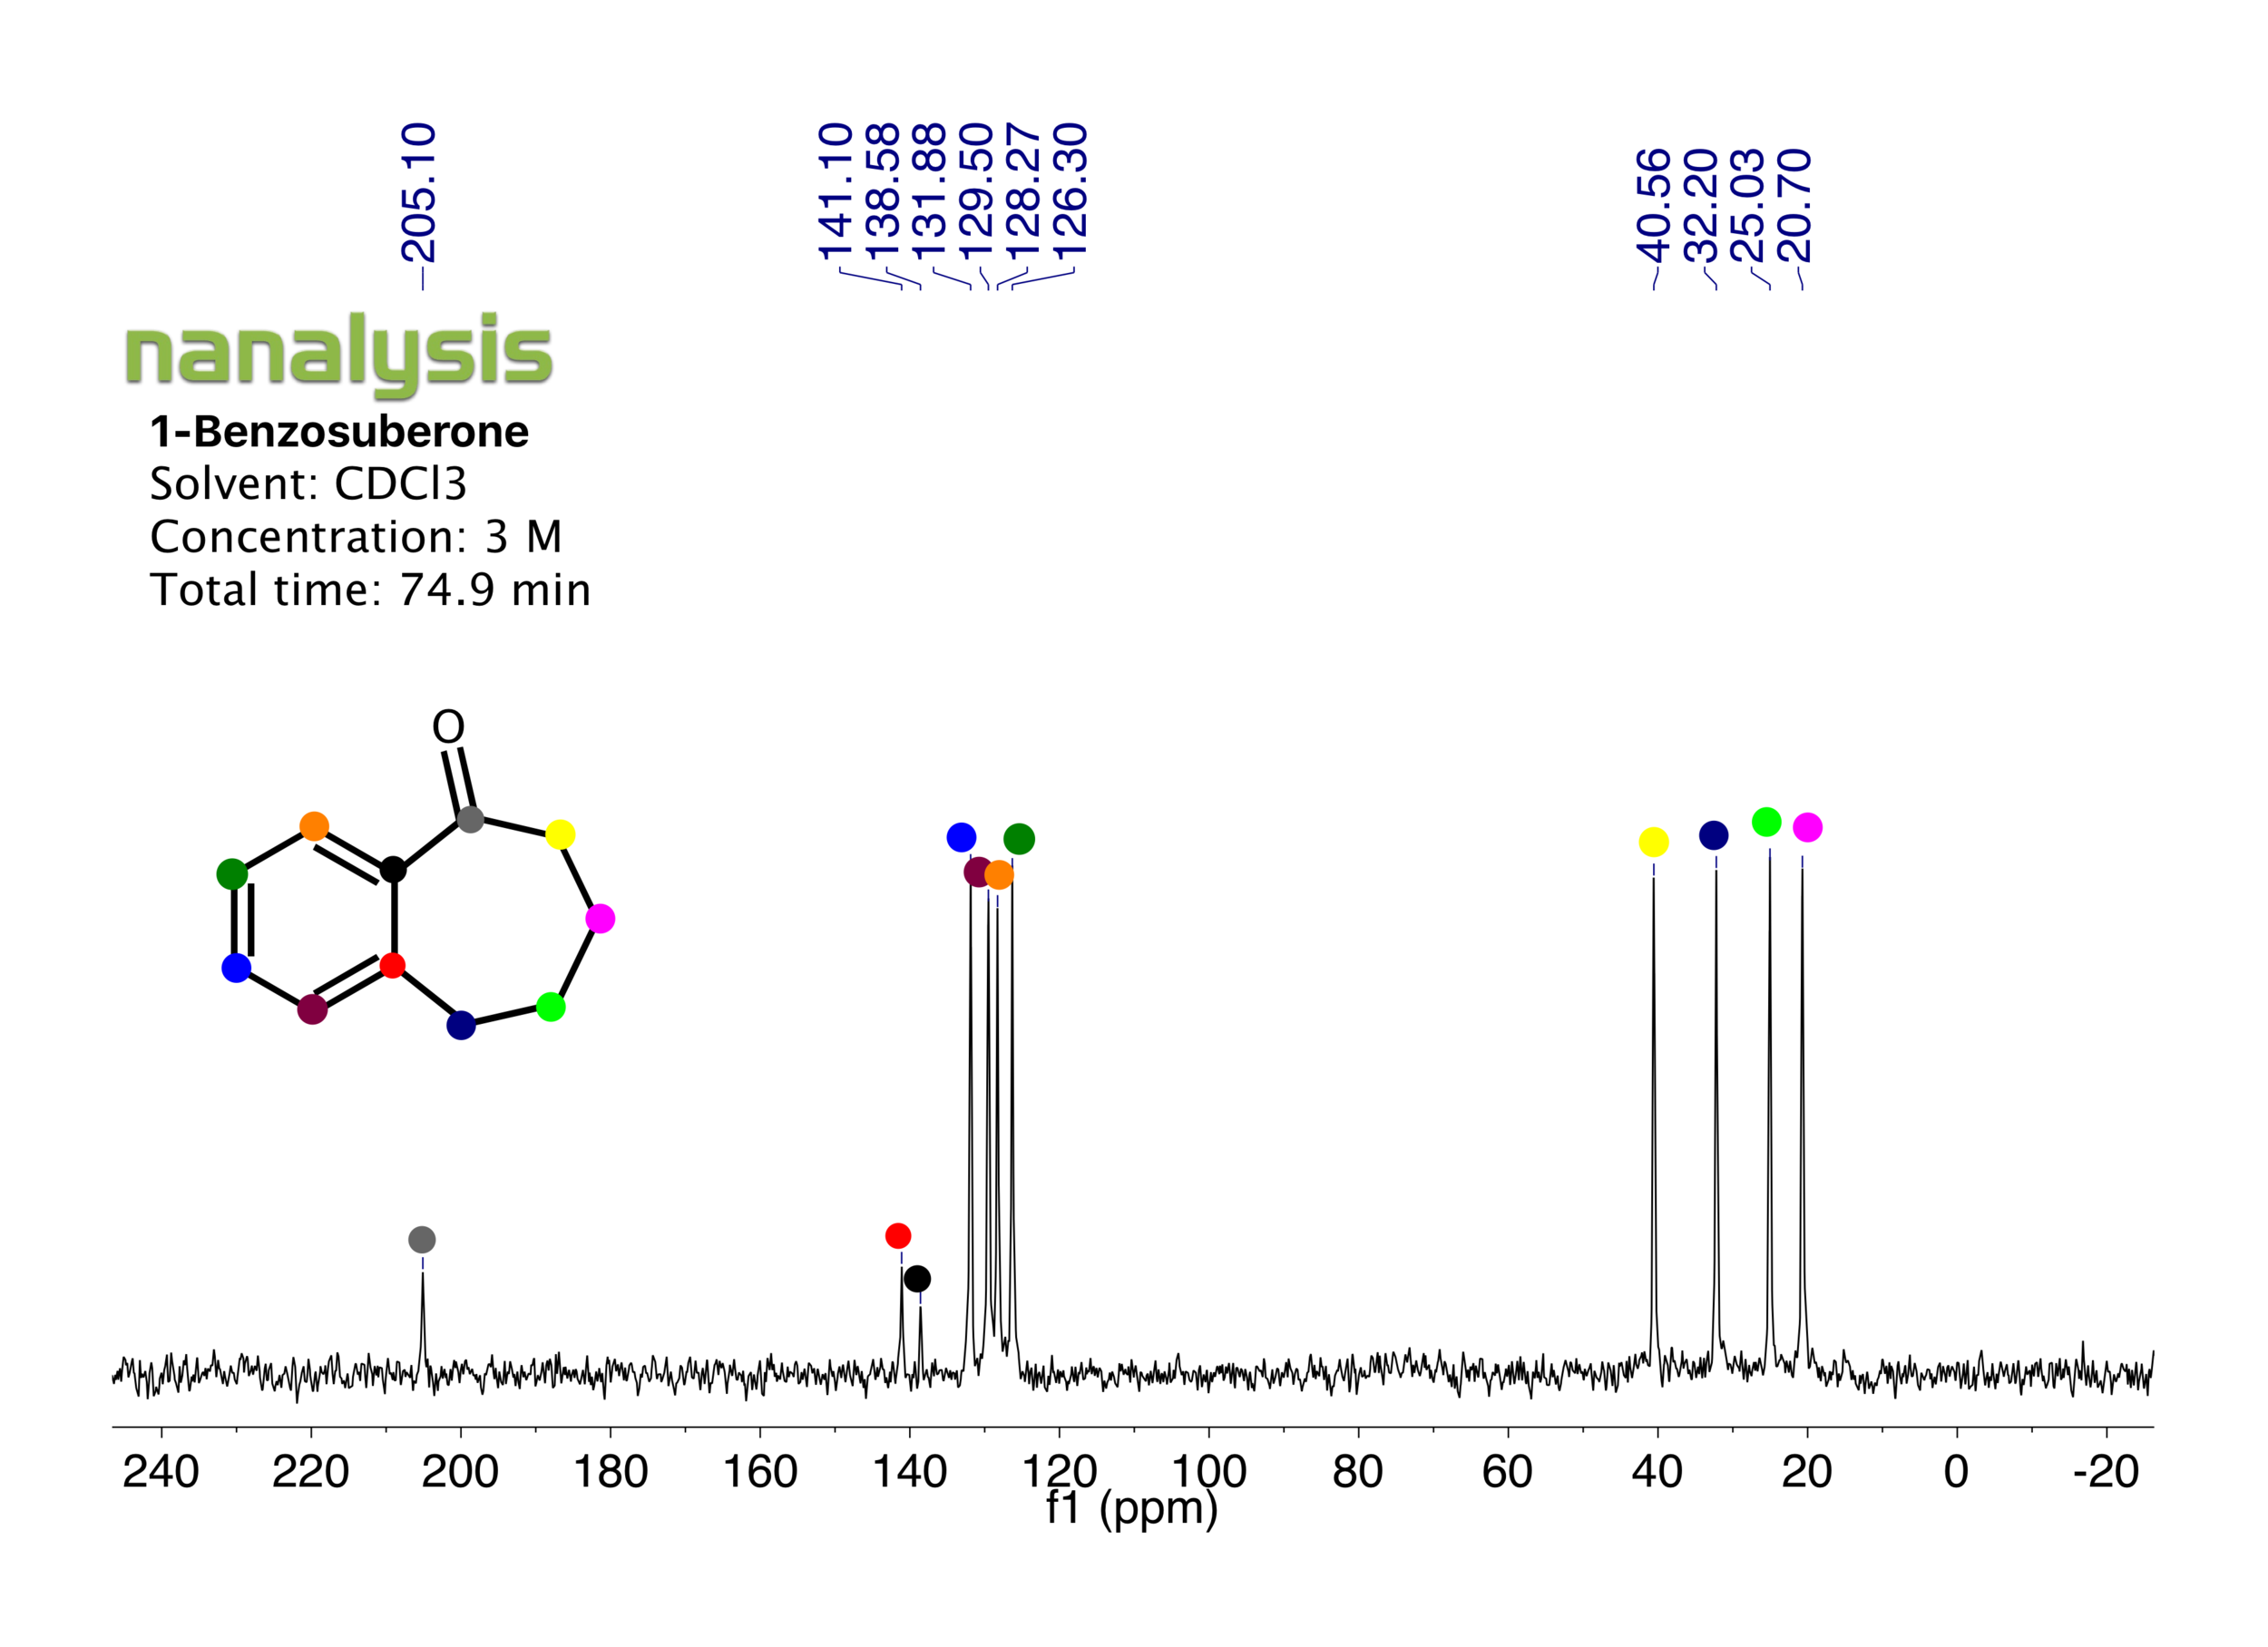 13C_BenchtopNMR_benzosuberone_1hr.png